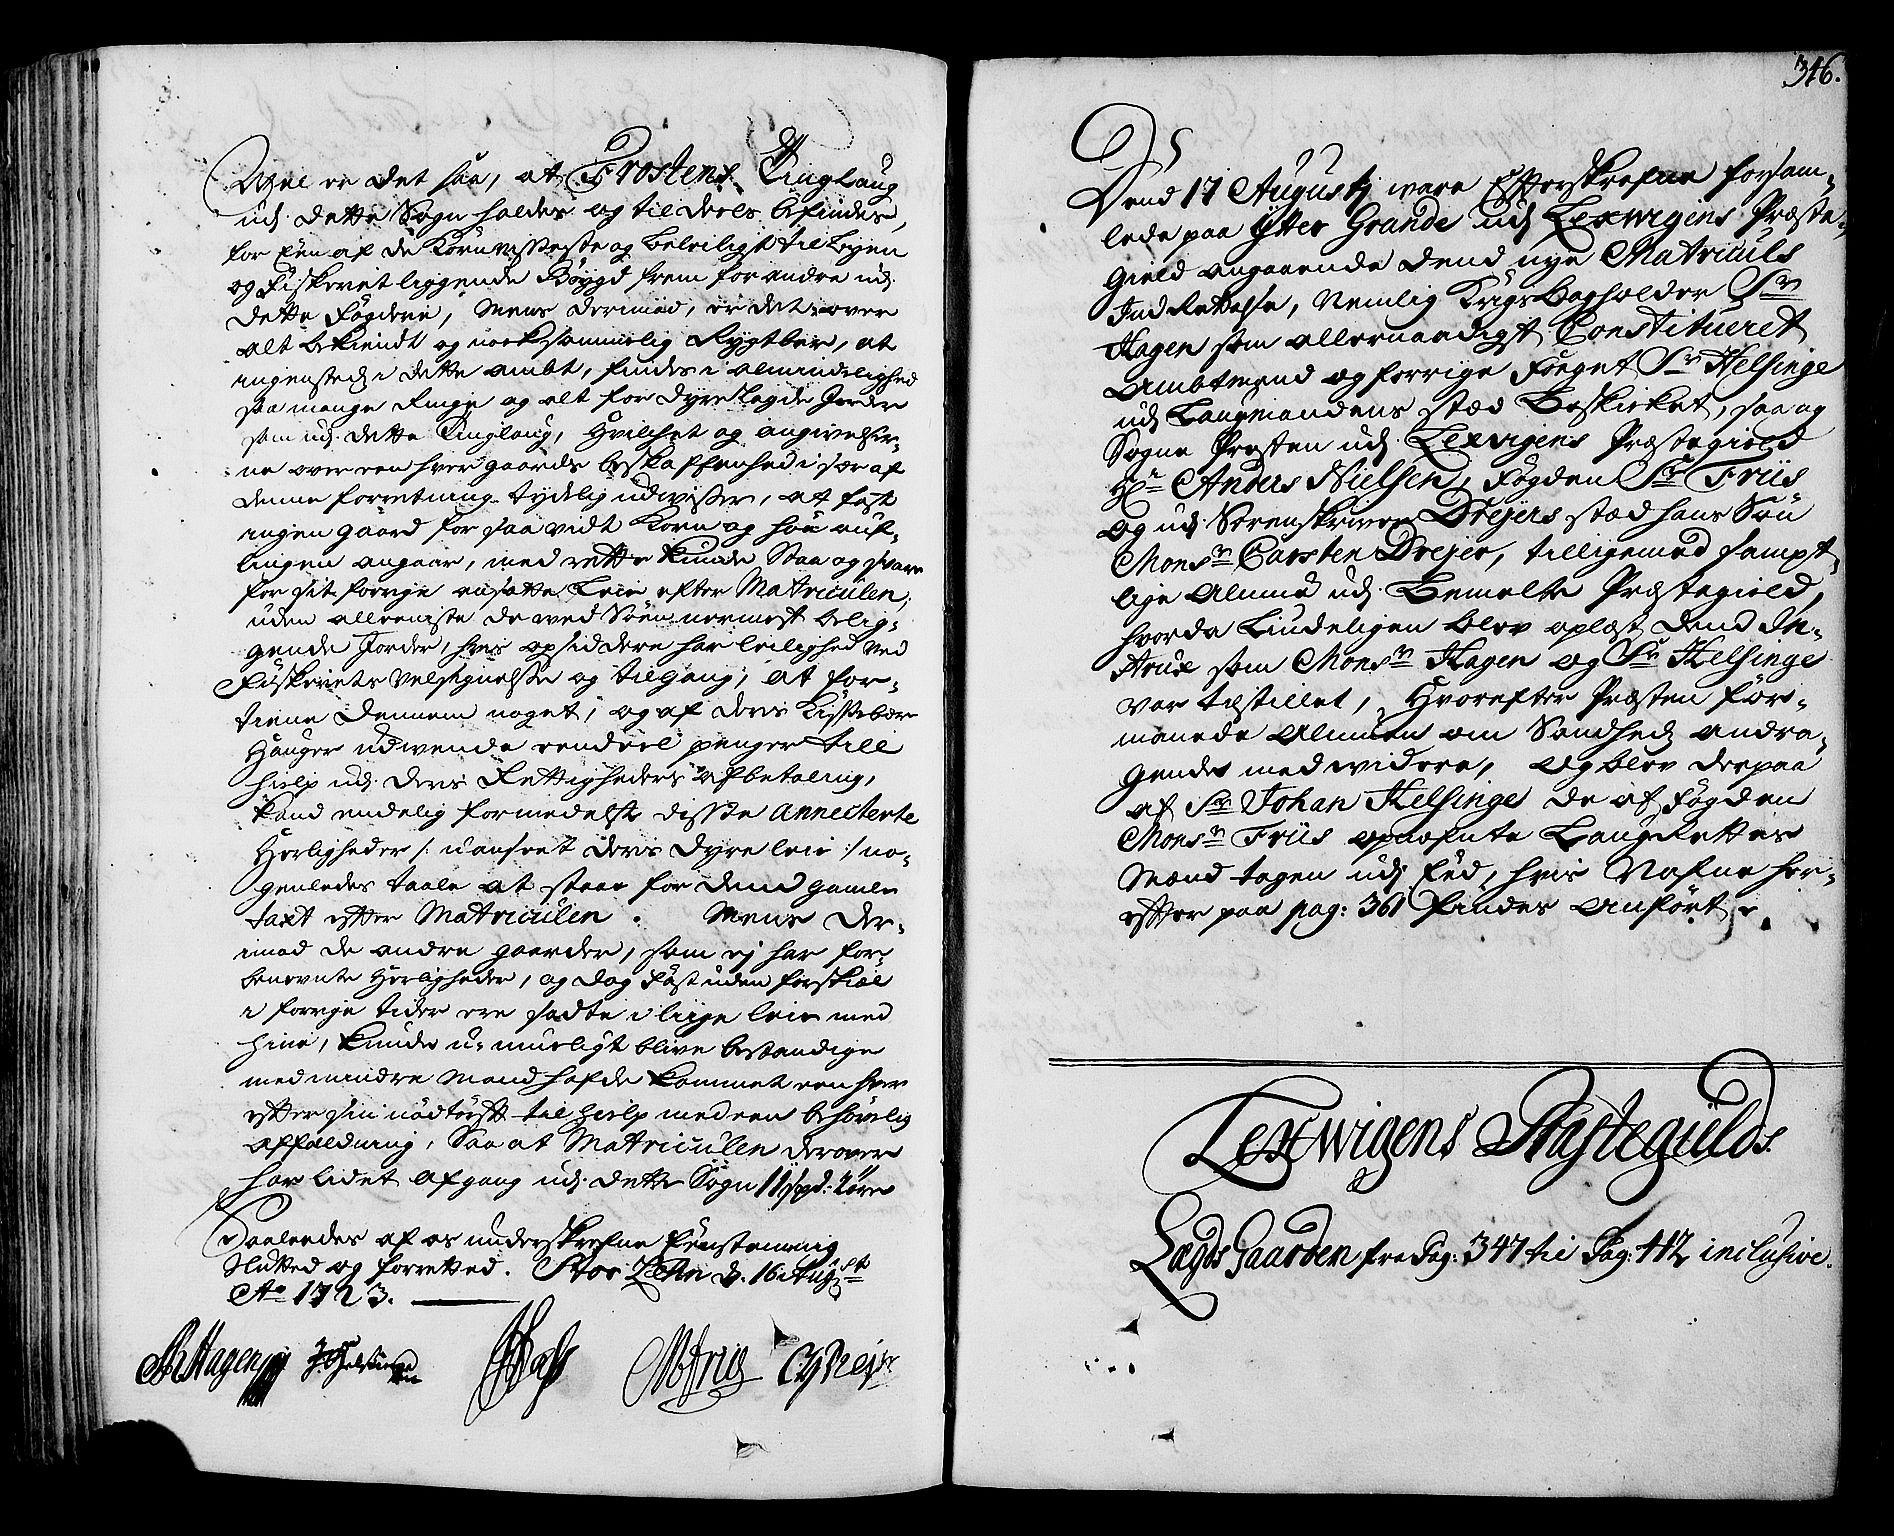 RA, Rentekammeret inntil 1814, Realistisk ordnet avdeling, N/Nb/Nbf/L0164: Stjørdal og Verdal eksaminasjonsprotokoll, 1723, s. 345b-346a